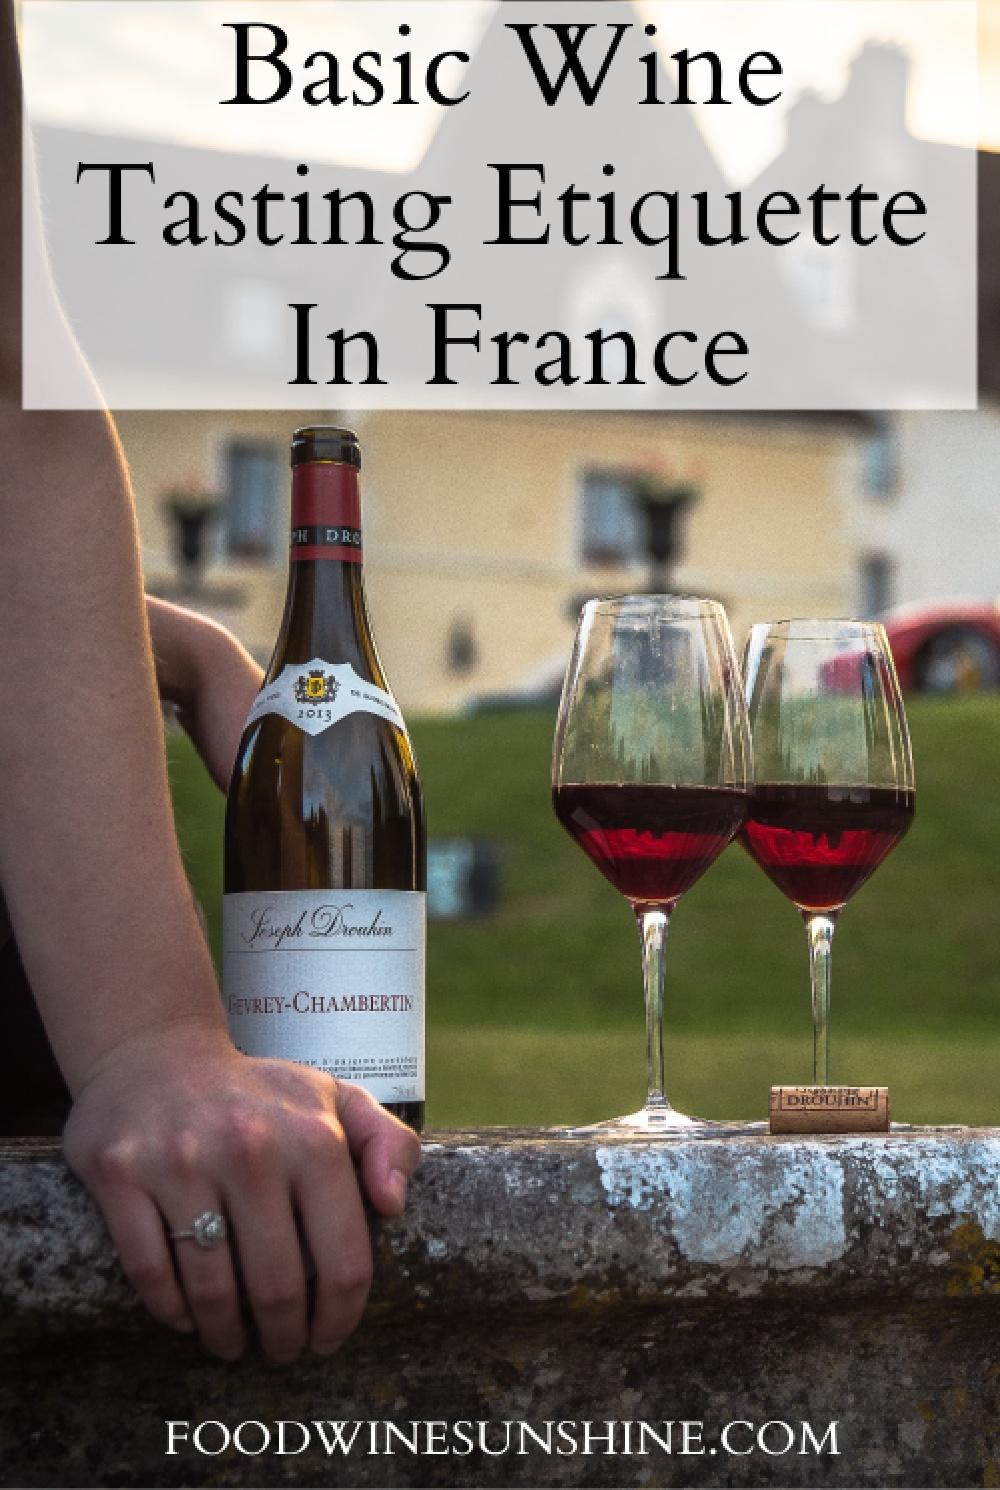 Basic Wine Tasting Etiquette In France